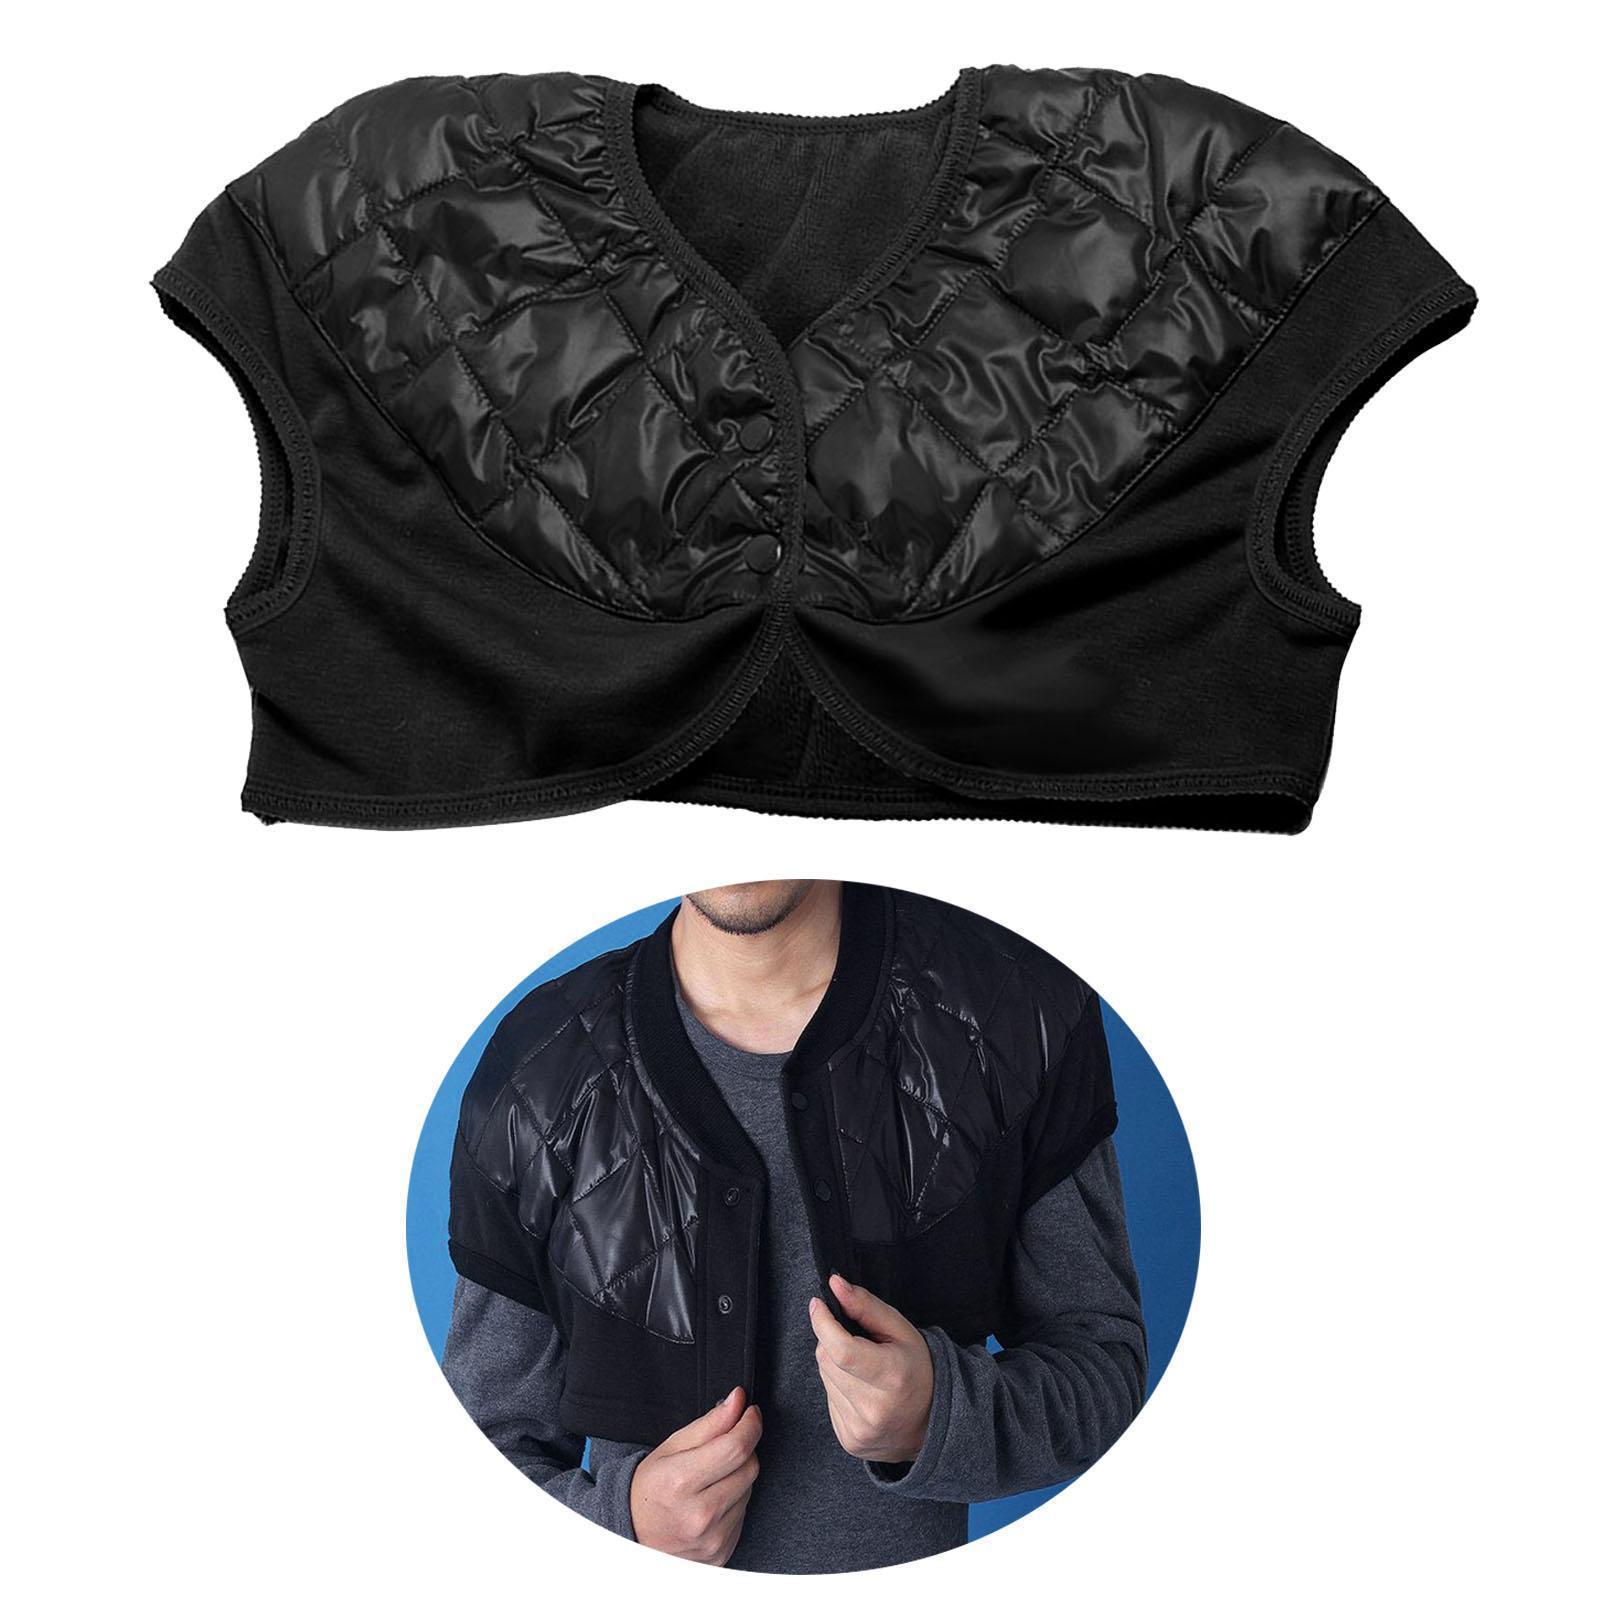 Femmes-Hommes-Down-Jacket-Chaud-Manteau-Court-Epaule-Chaud-Thermique-Wrap miniatura 87